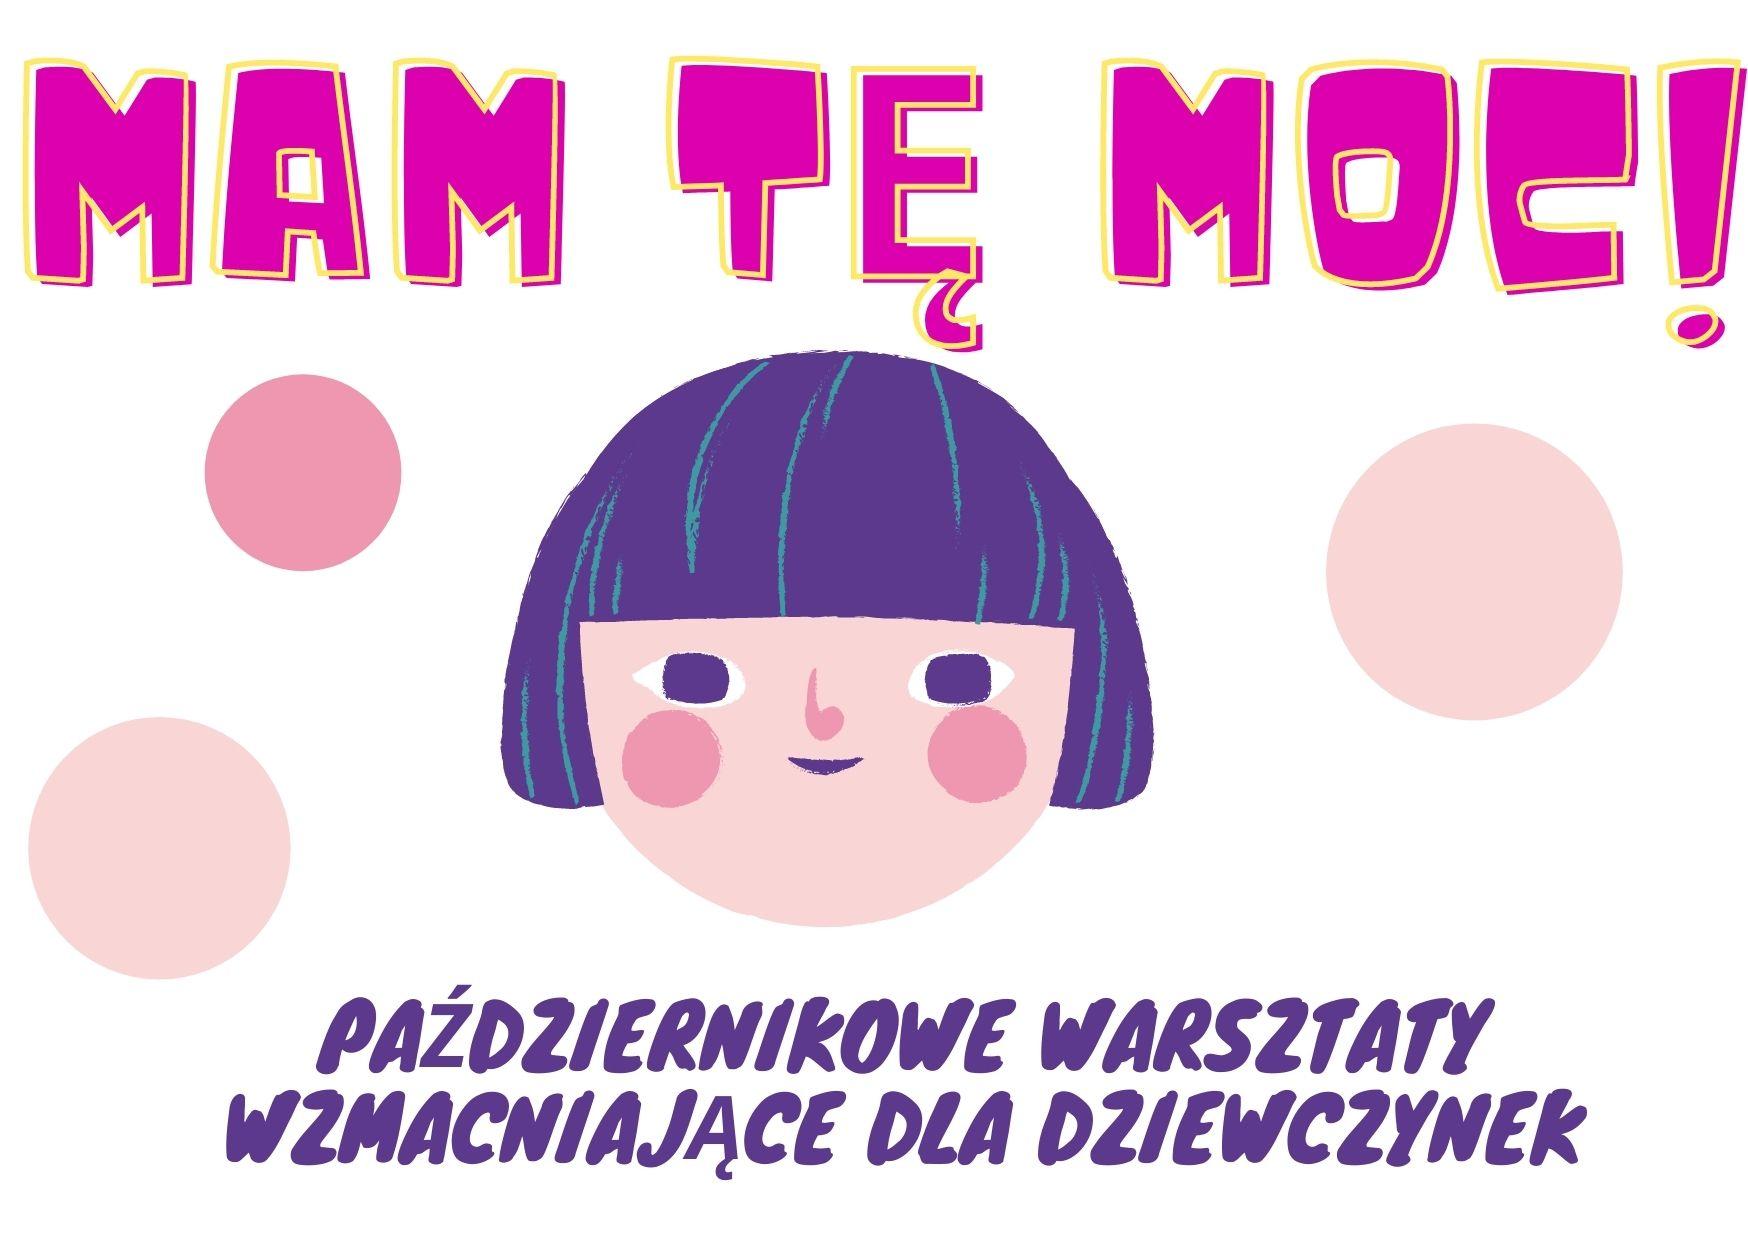 Na białym tle grafika z rysunkiem twarzy dziecka - dziewczynki. Napis w kolorze różowym: MAM TĘ MOC! Napis w kolorze fioletowym: PAŹDZIERNIKOWE WARSZTATY WZMACNIAJĄCE DLA DZIEWCZYNEK.